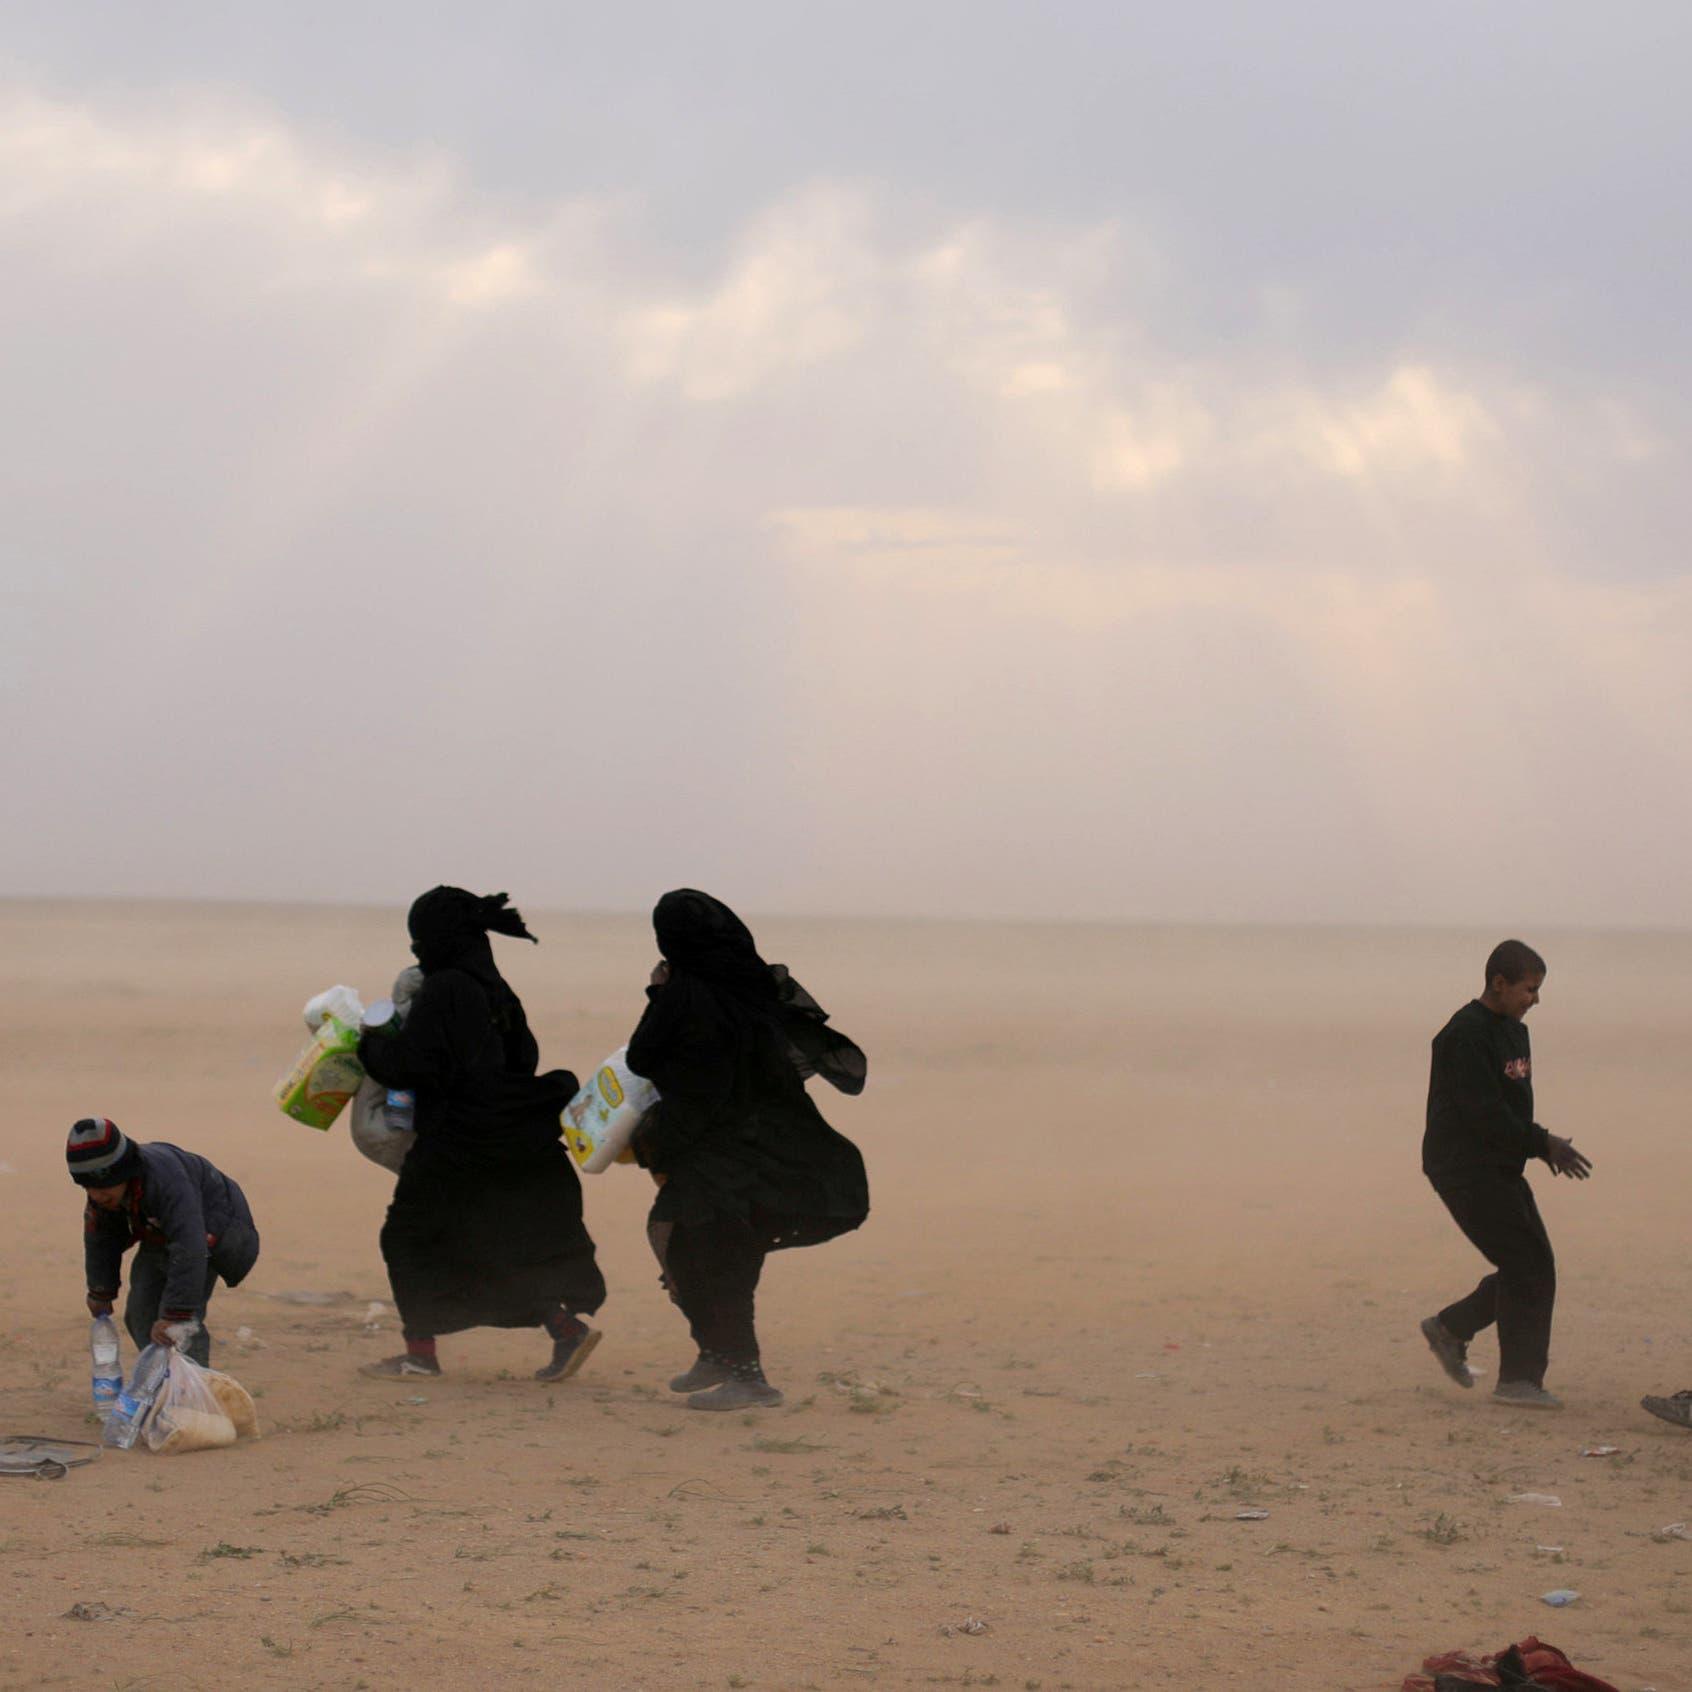 مصرع 84 شخصاً منذ ديسمبر خلال فرارهم من داعش بدير الزور